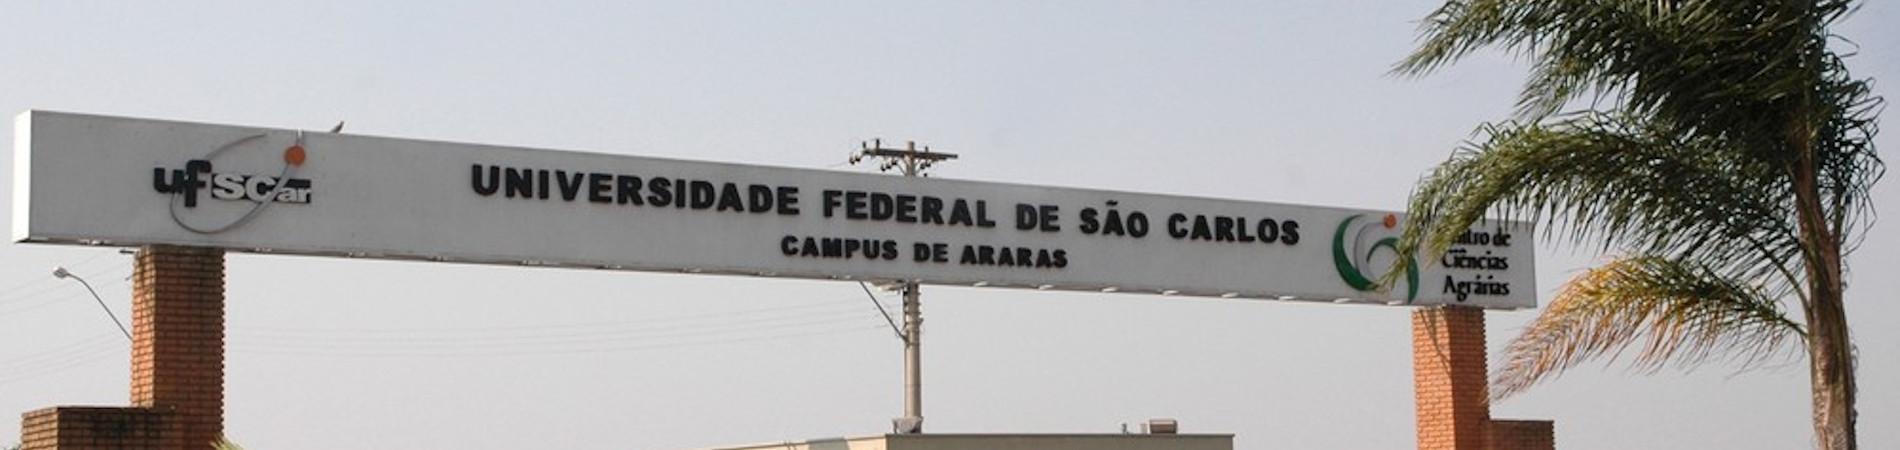 Pórtico de Entrada UFSCar Araras